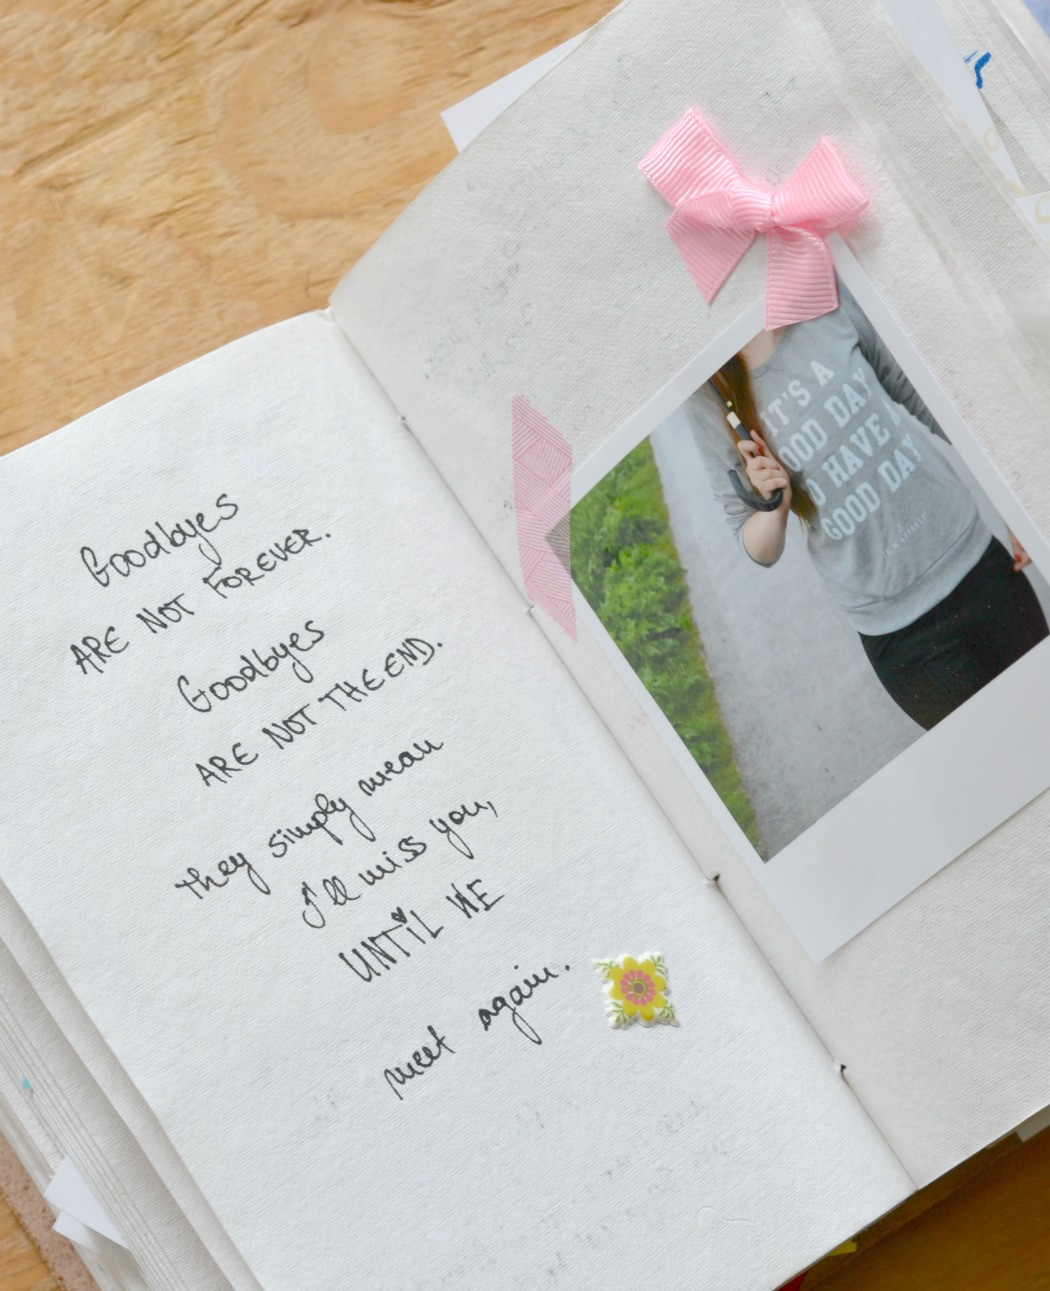 Diy Geschenk Für Freund  DIY Wenn beste Freundin geht ein Abschiedsbuch